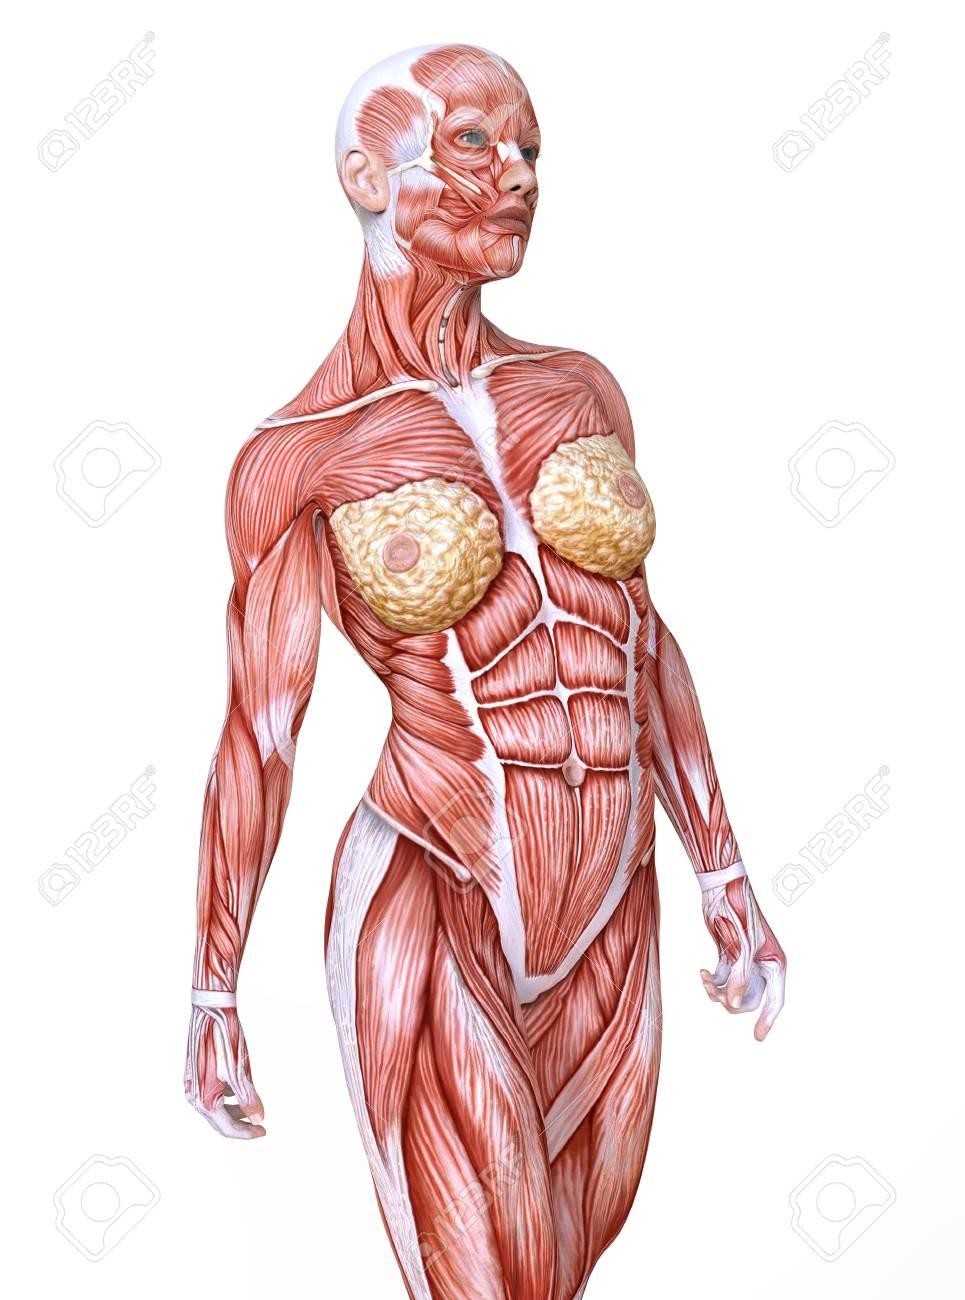 Wonderbaar Vrouwelijke Anatomie En Spieren, Lichaam Zonder Huid Geïsoleerd Op YS-23